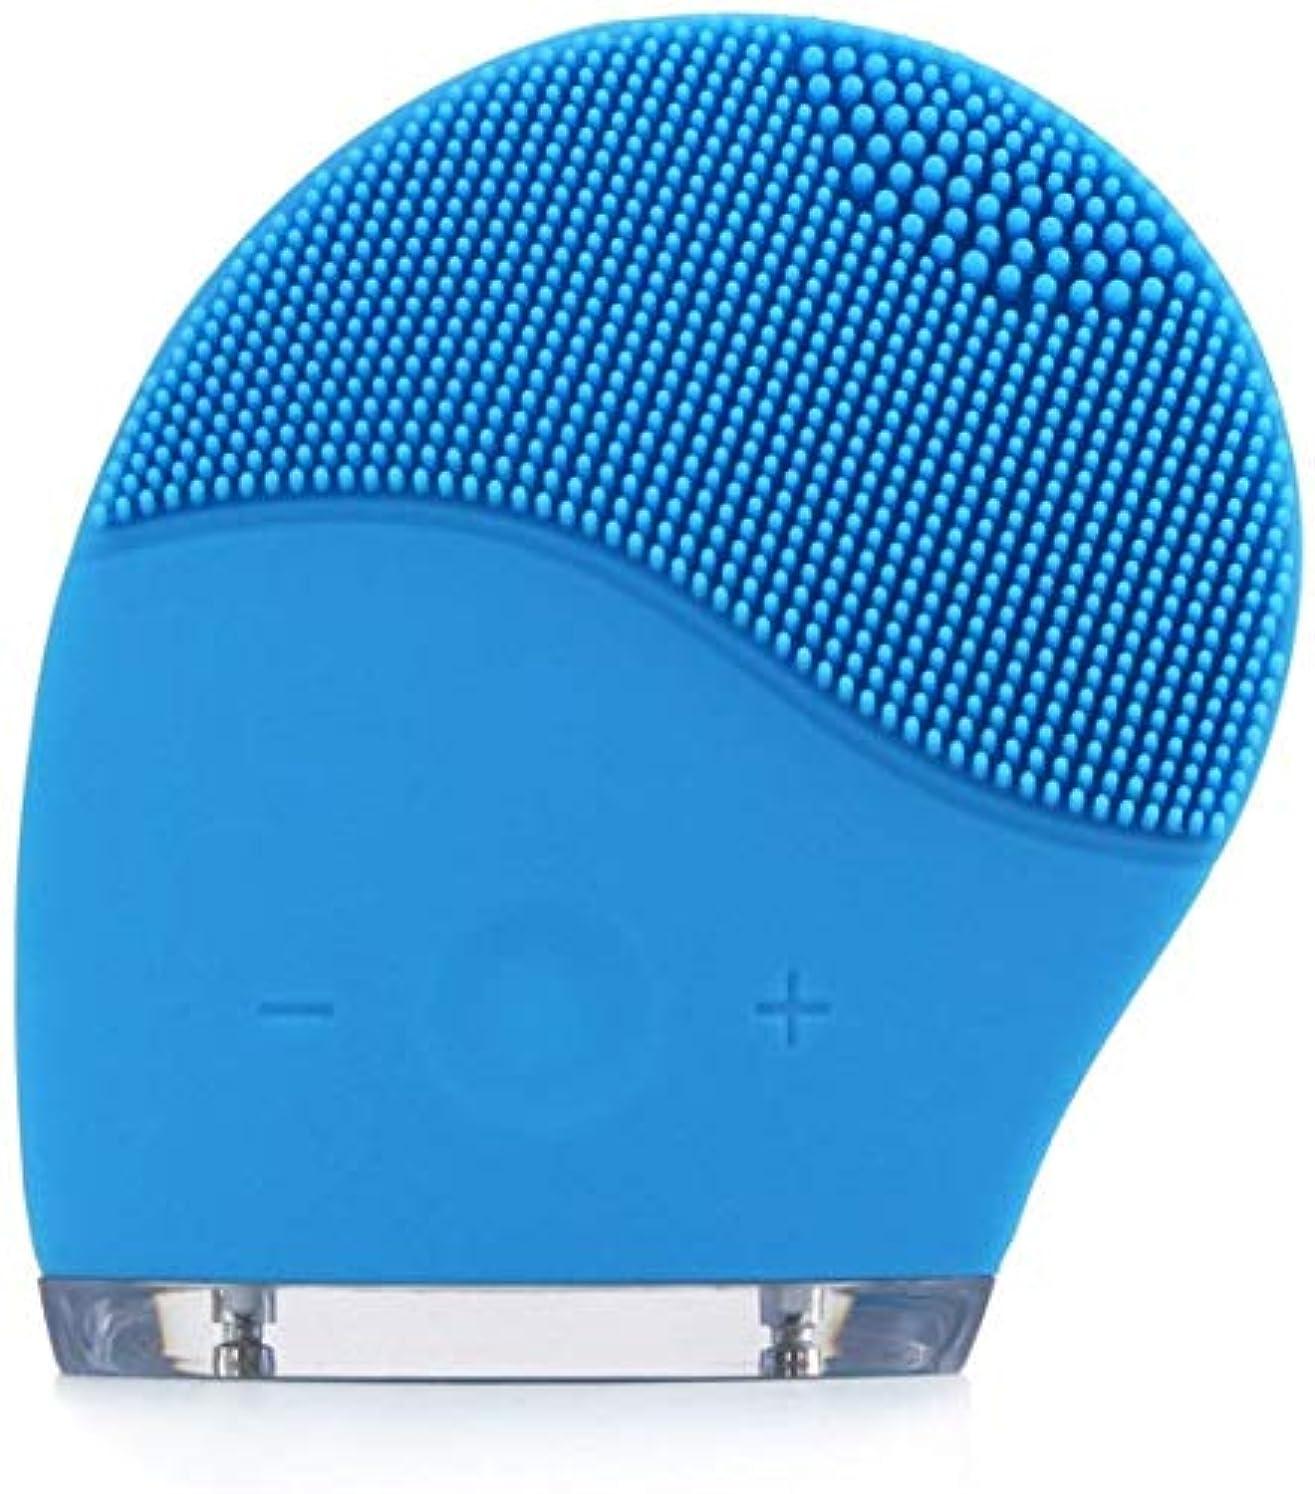 取り扱い優しいカセット洗顔ブラシ、ブラシ防水アンチエイジングスキンクレンザーフェイシャルポーランドやスクラブのためのディープエクスフォリエーターのメイクツールマッサージャー電気シリコーンフェイス